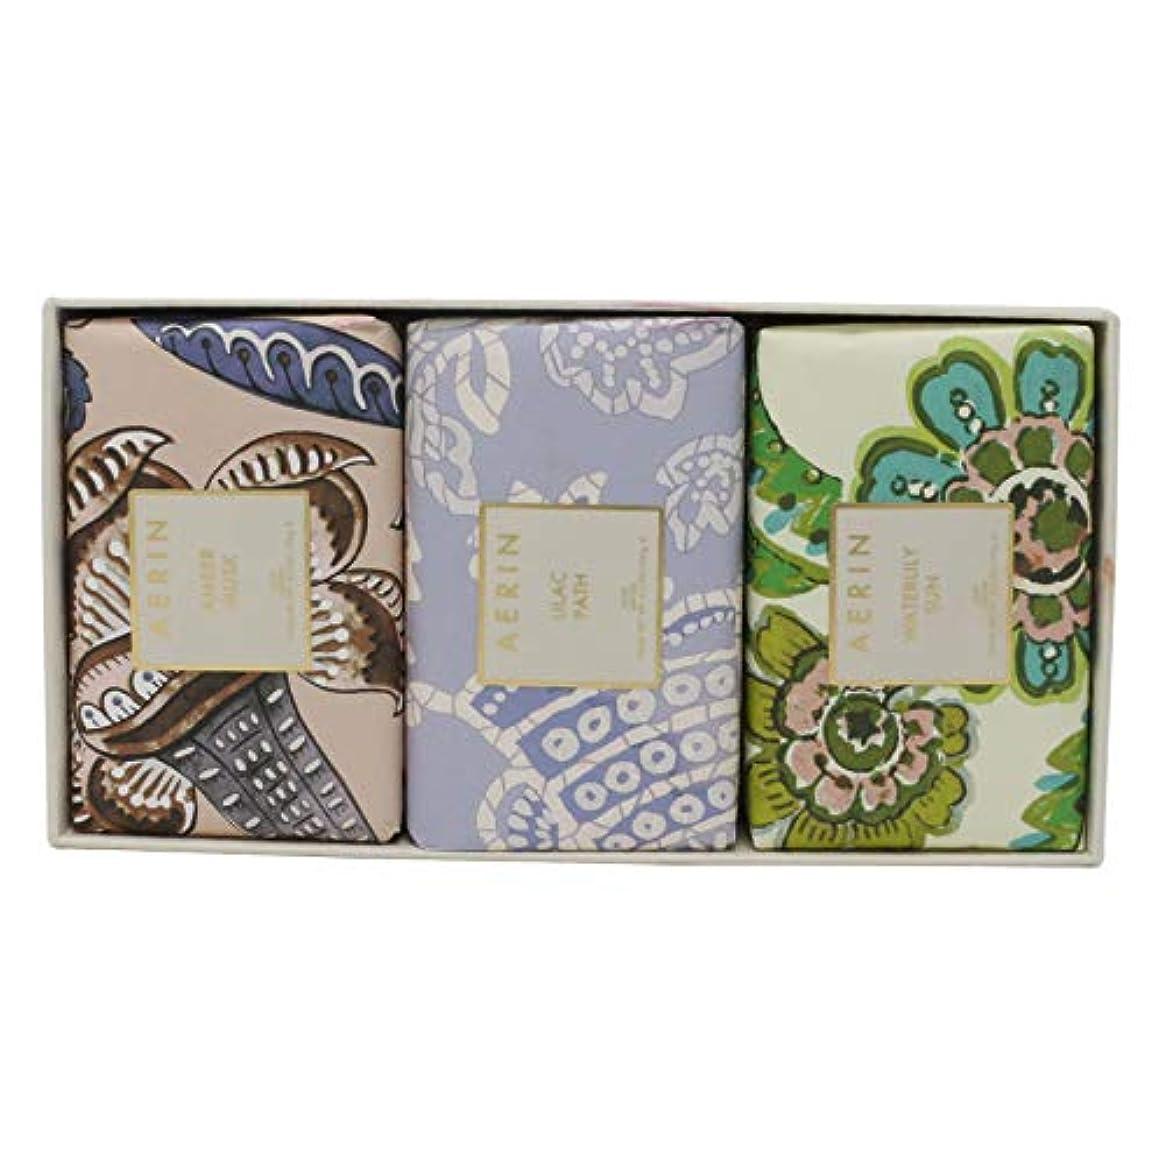 普通に手綱聖歌AERIN Beauty Soap Coffret(アエリン ビューティー ソープ コフレット ) 6.2 oz (186ml) Soap 固形石鹸 x 3個セットby Estee Lauder